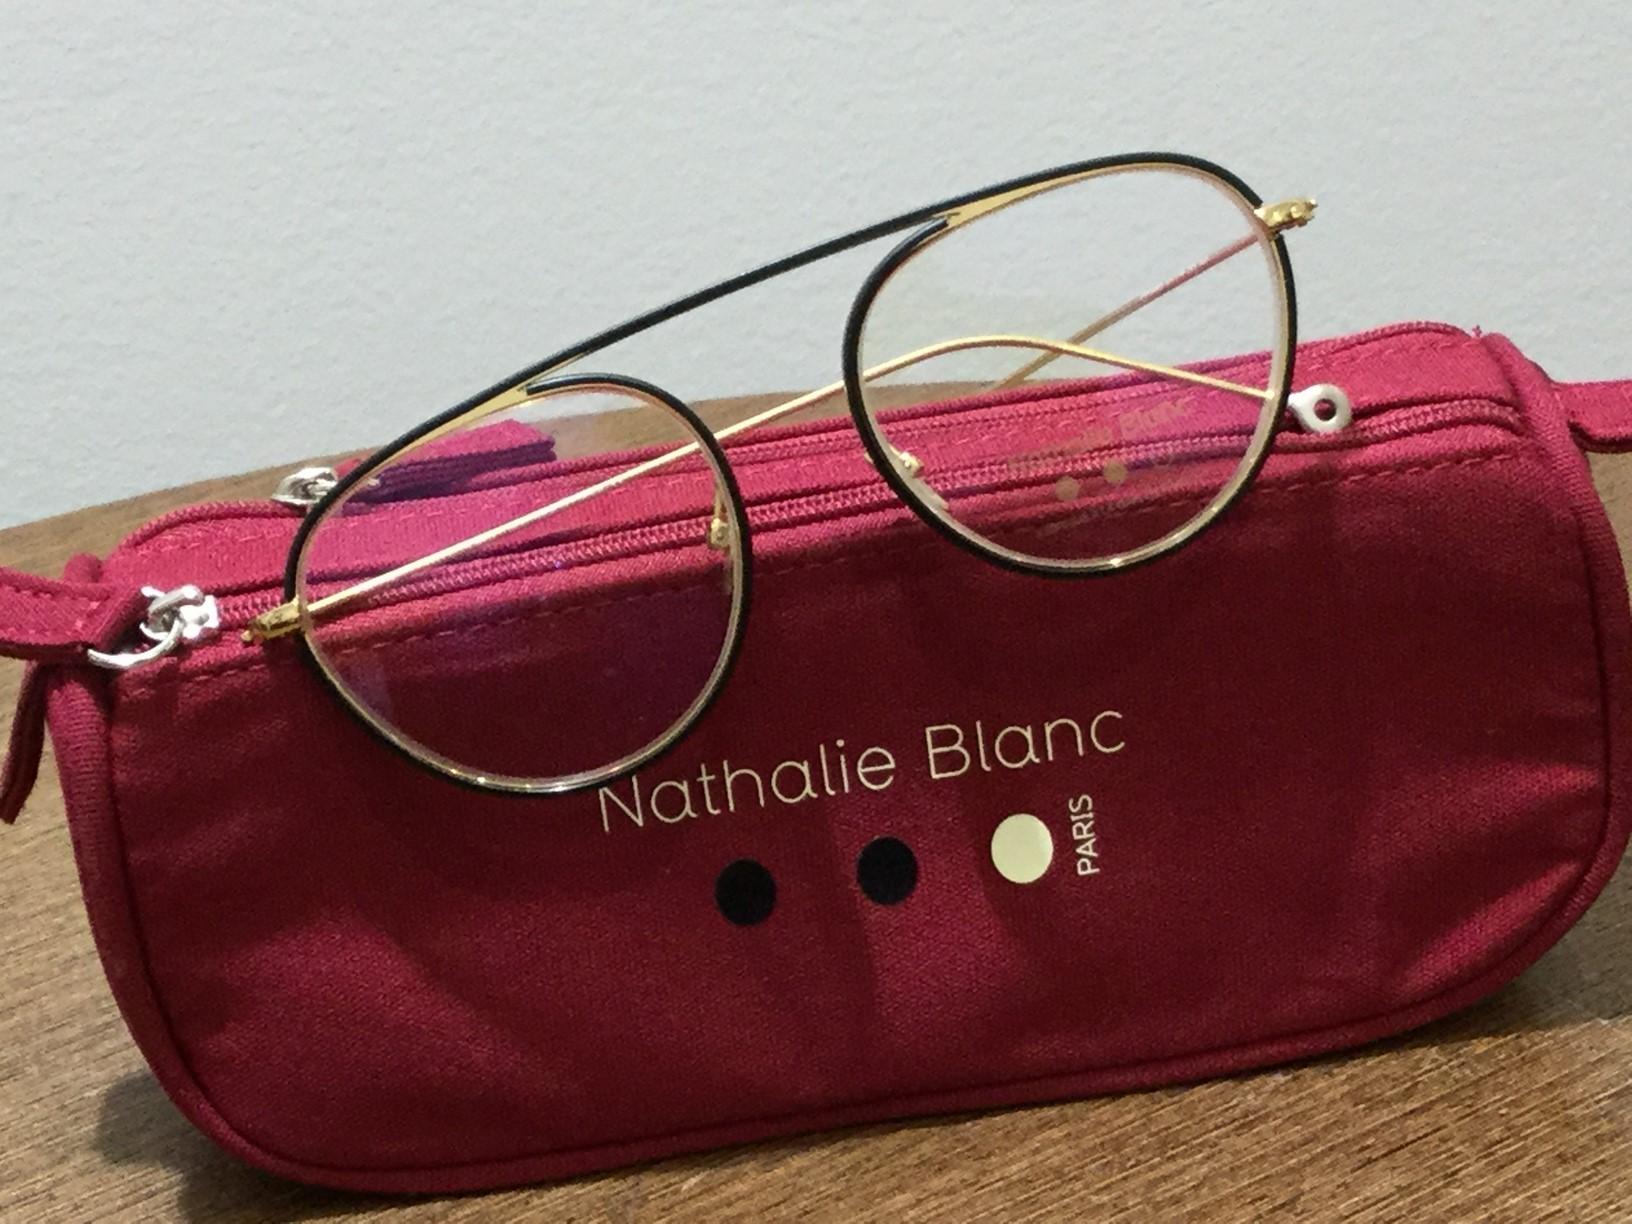 Monture 1 - Nathalie Blanc - Opticien STRASBOURG